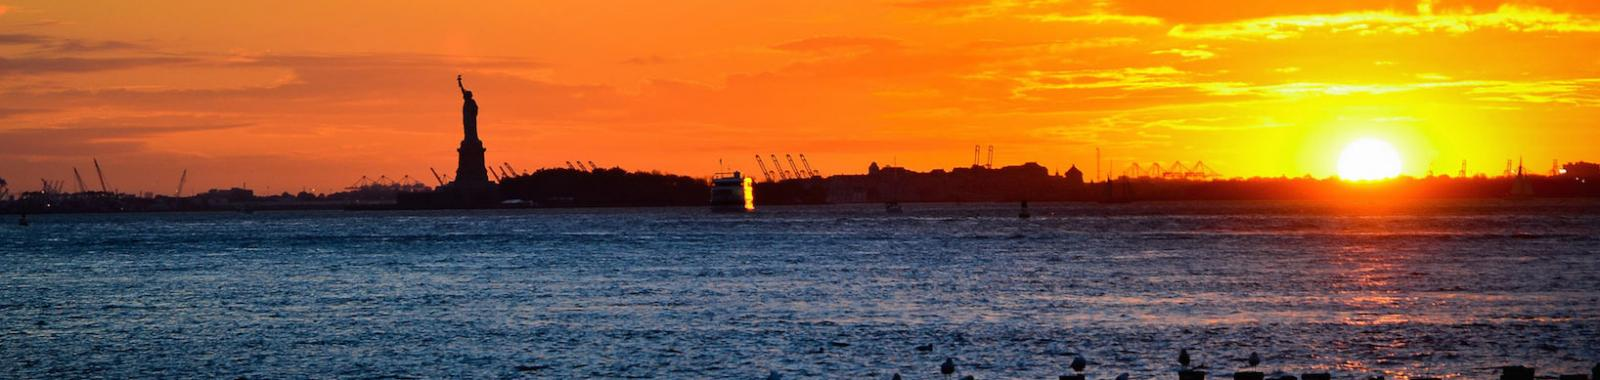 Abendliche Bootsfahrt zur Freiheitsstatue